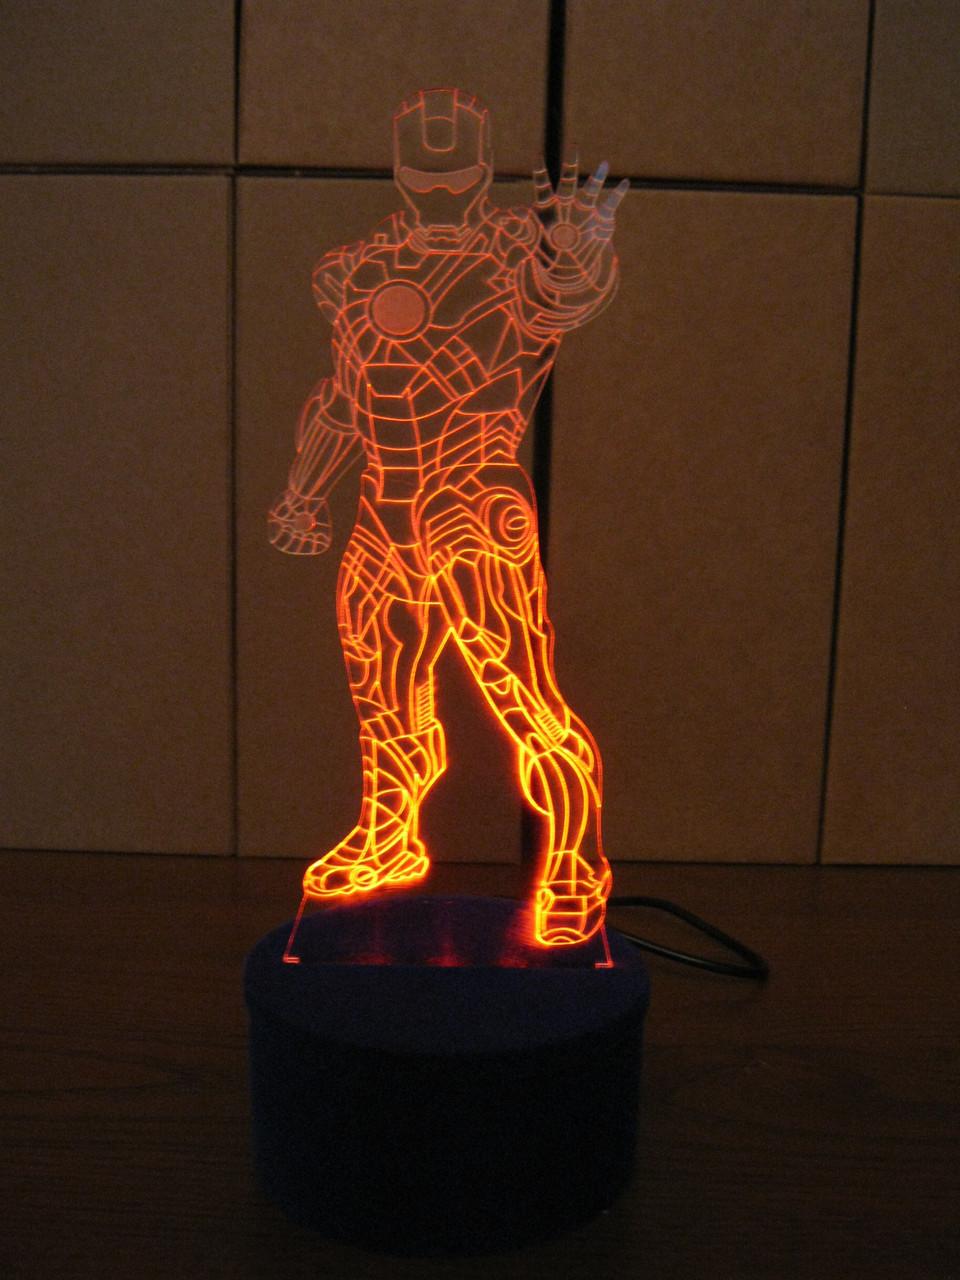 3d-світильник Залізна людина в зростання, 3д-нічник, кілька підсвічувань (на пульті)